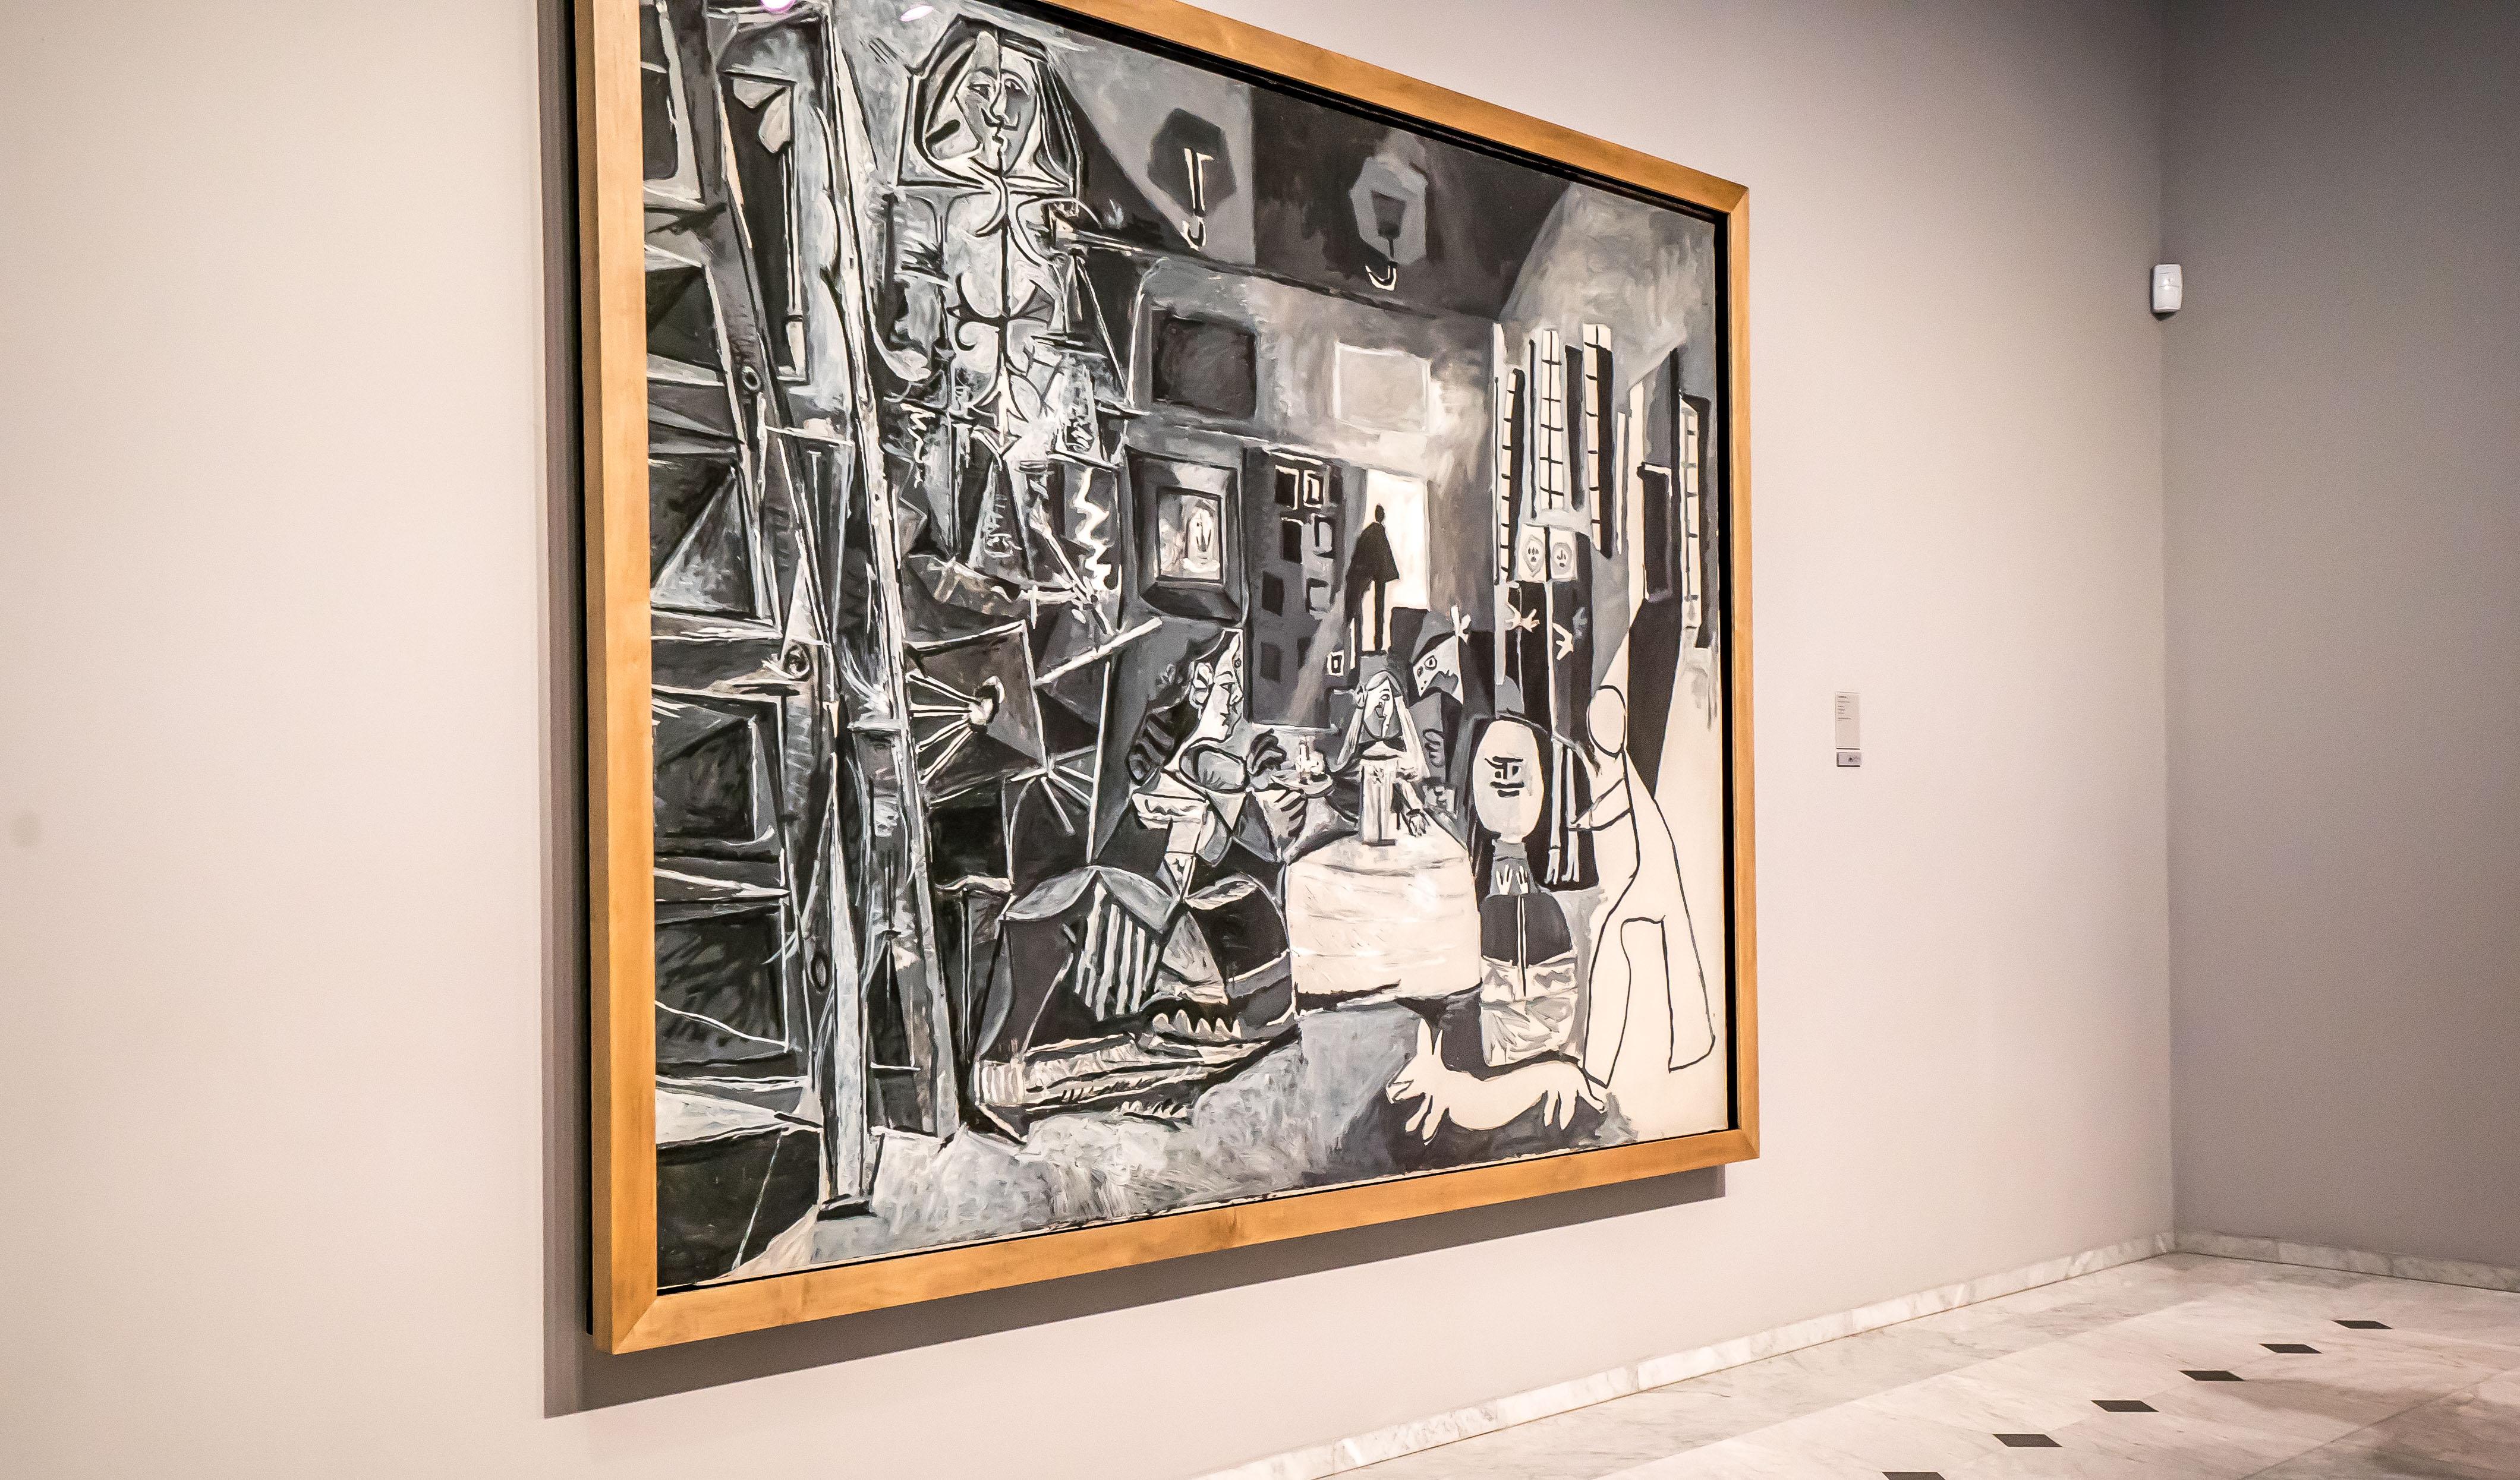 Las Meninas by Pablo Picasso